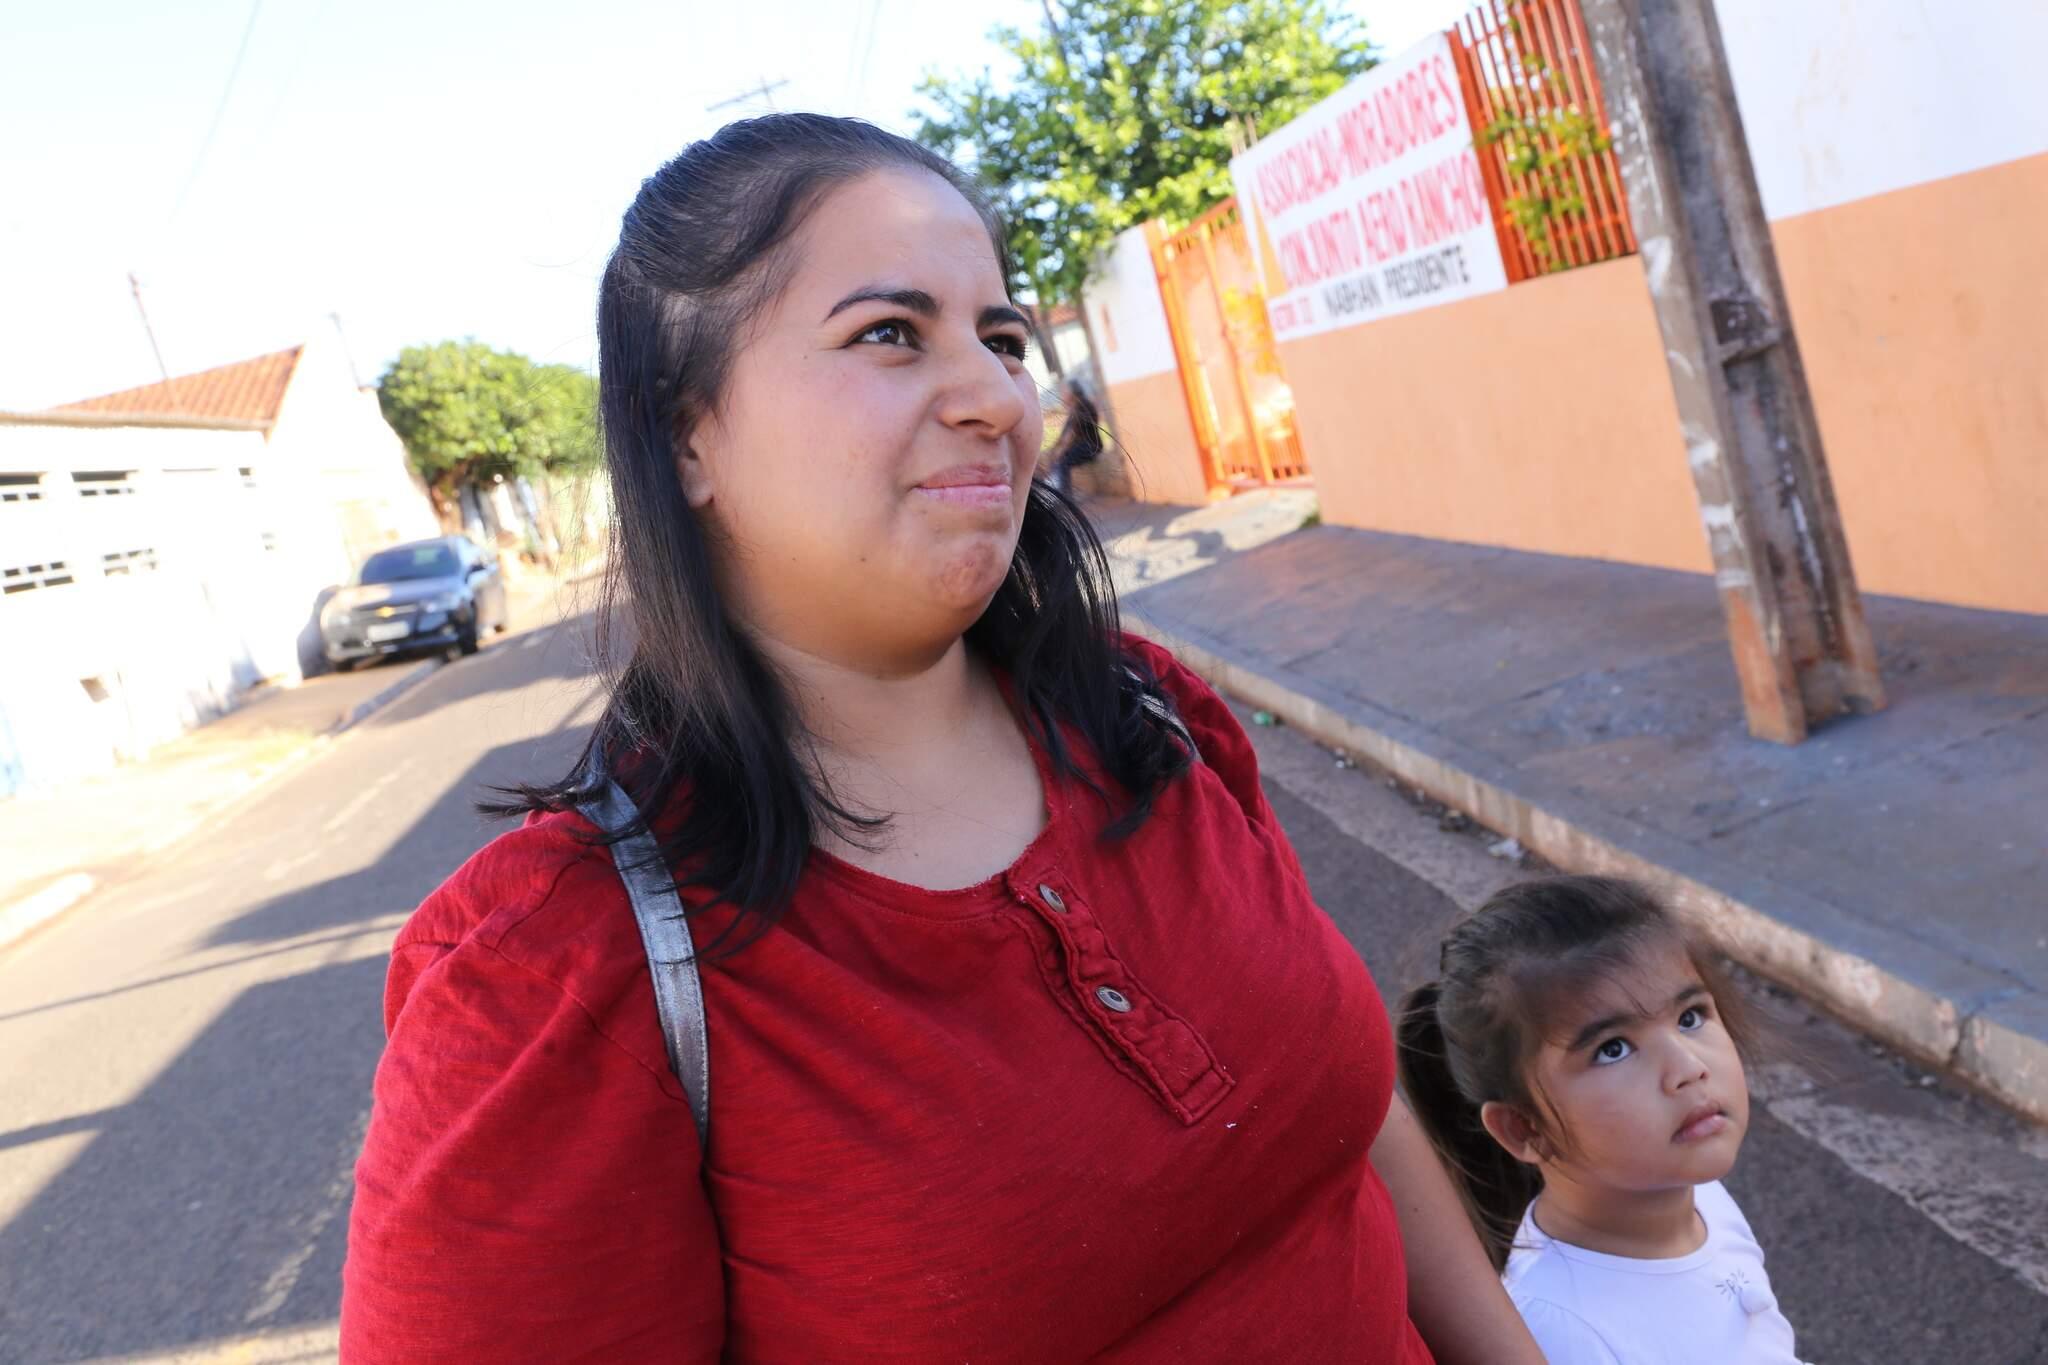 Mayene de Oliveira Nantes deixa a filha com a cunhada enquanto trabalha (Foto: Kísie Ainoã)